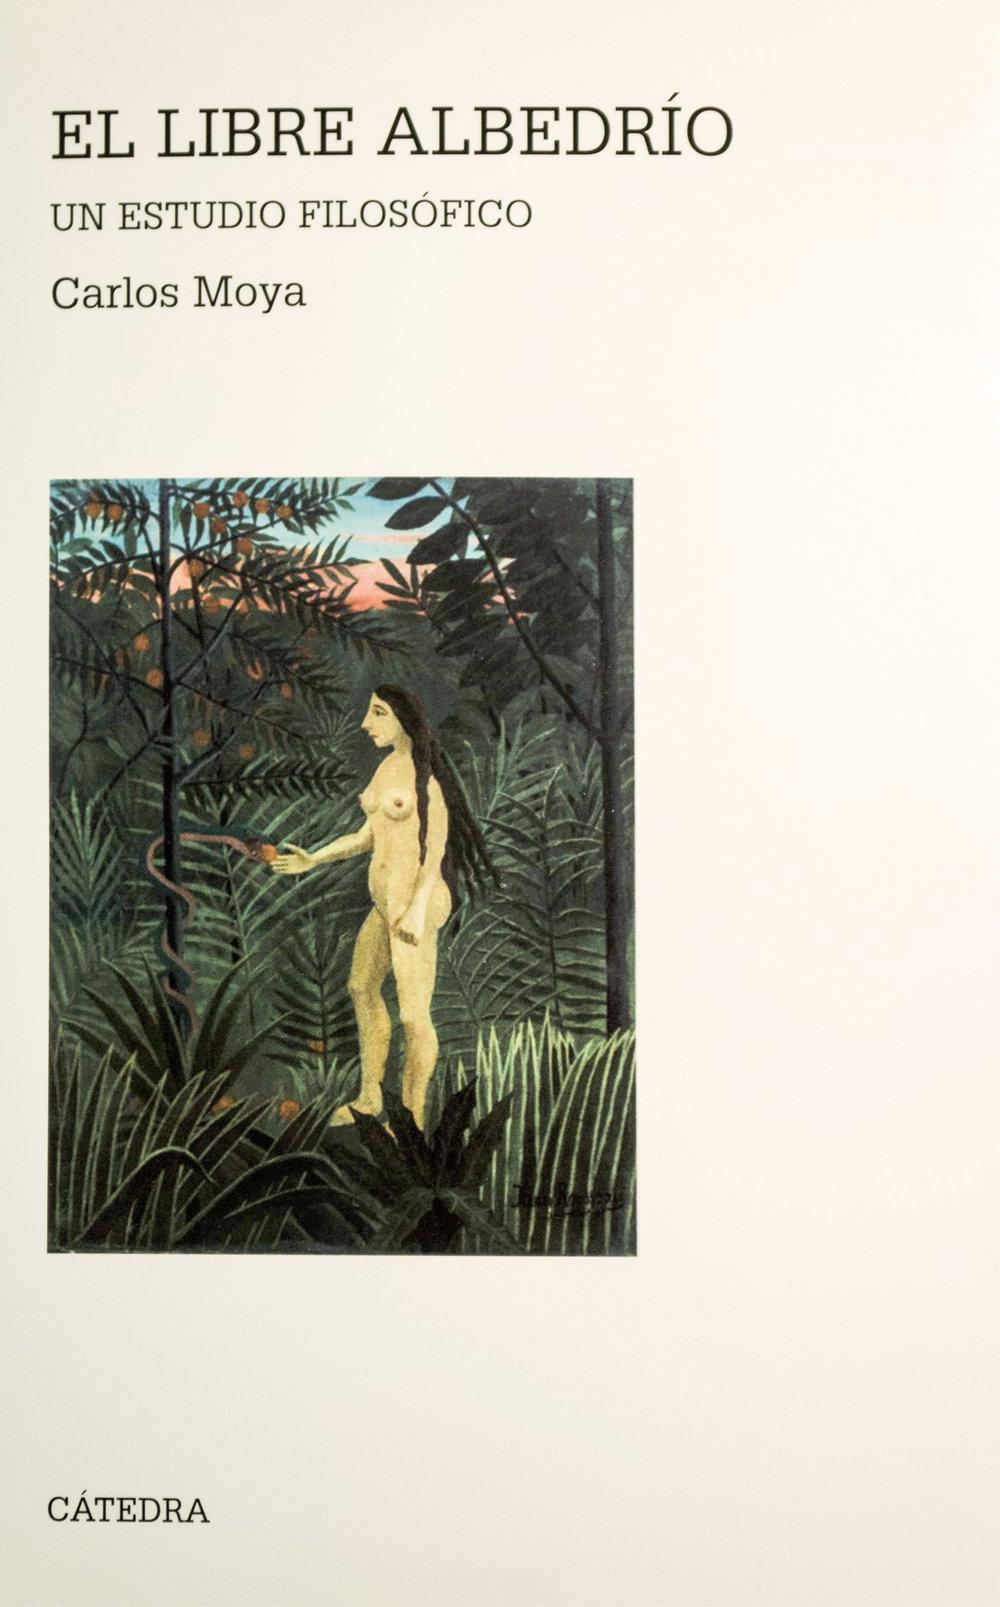 Llibre Carlos Moya.jpg